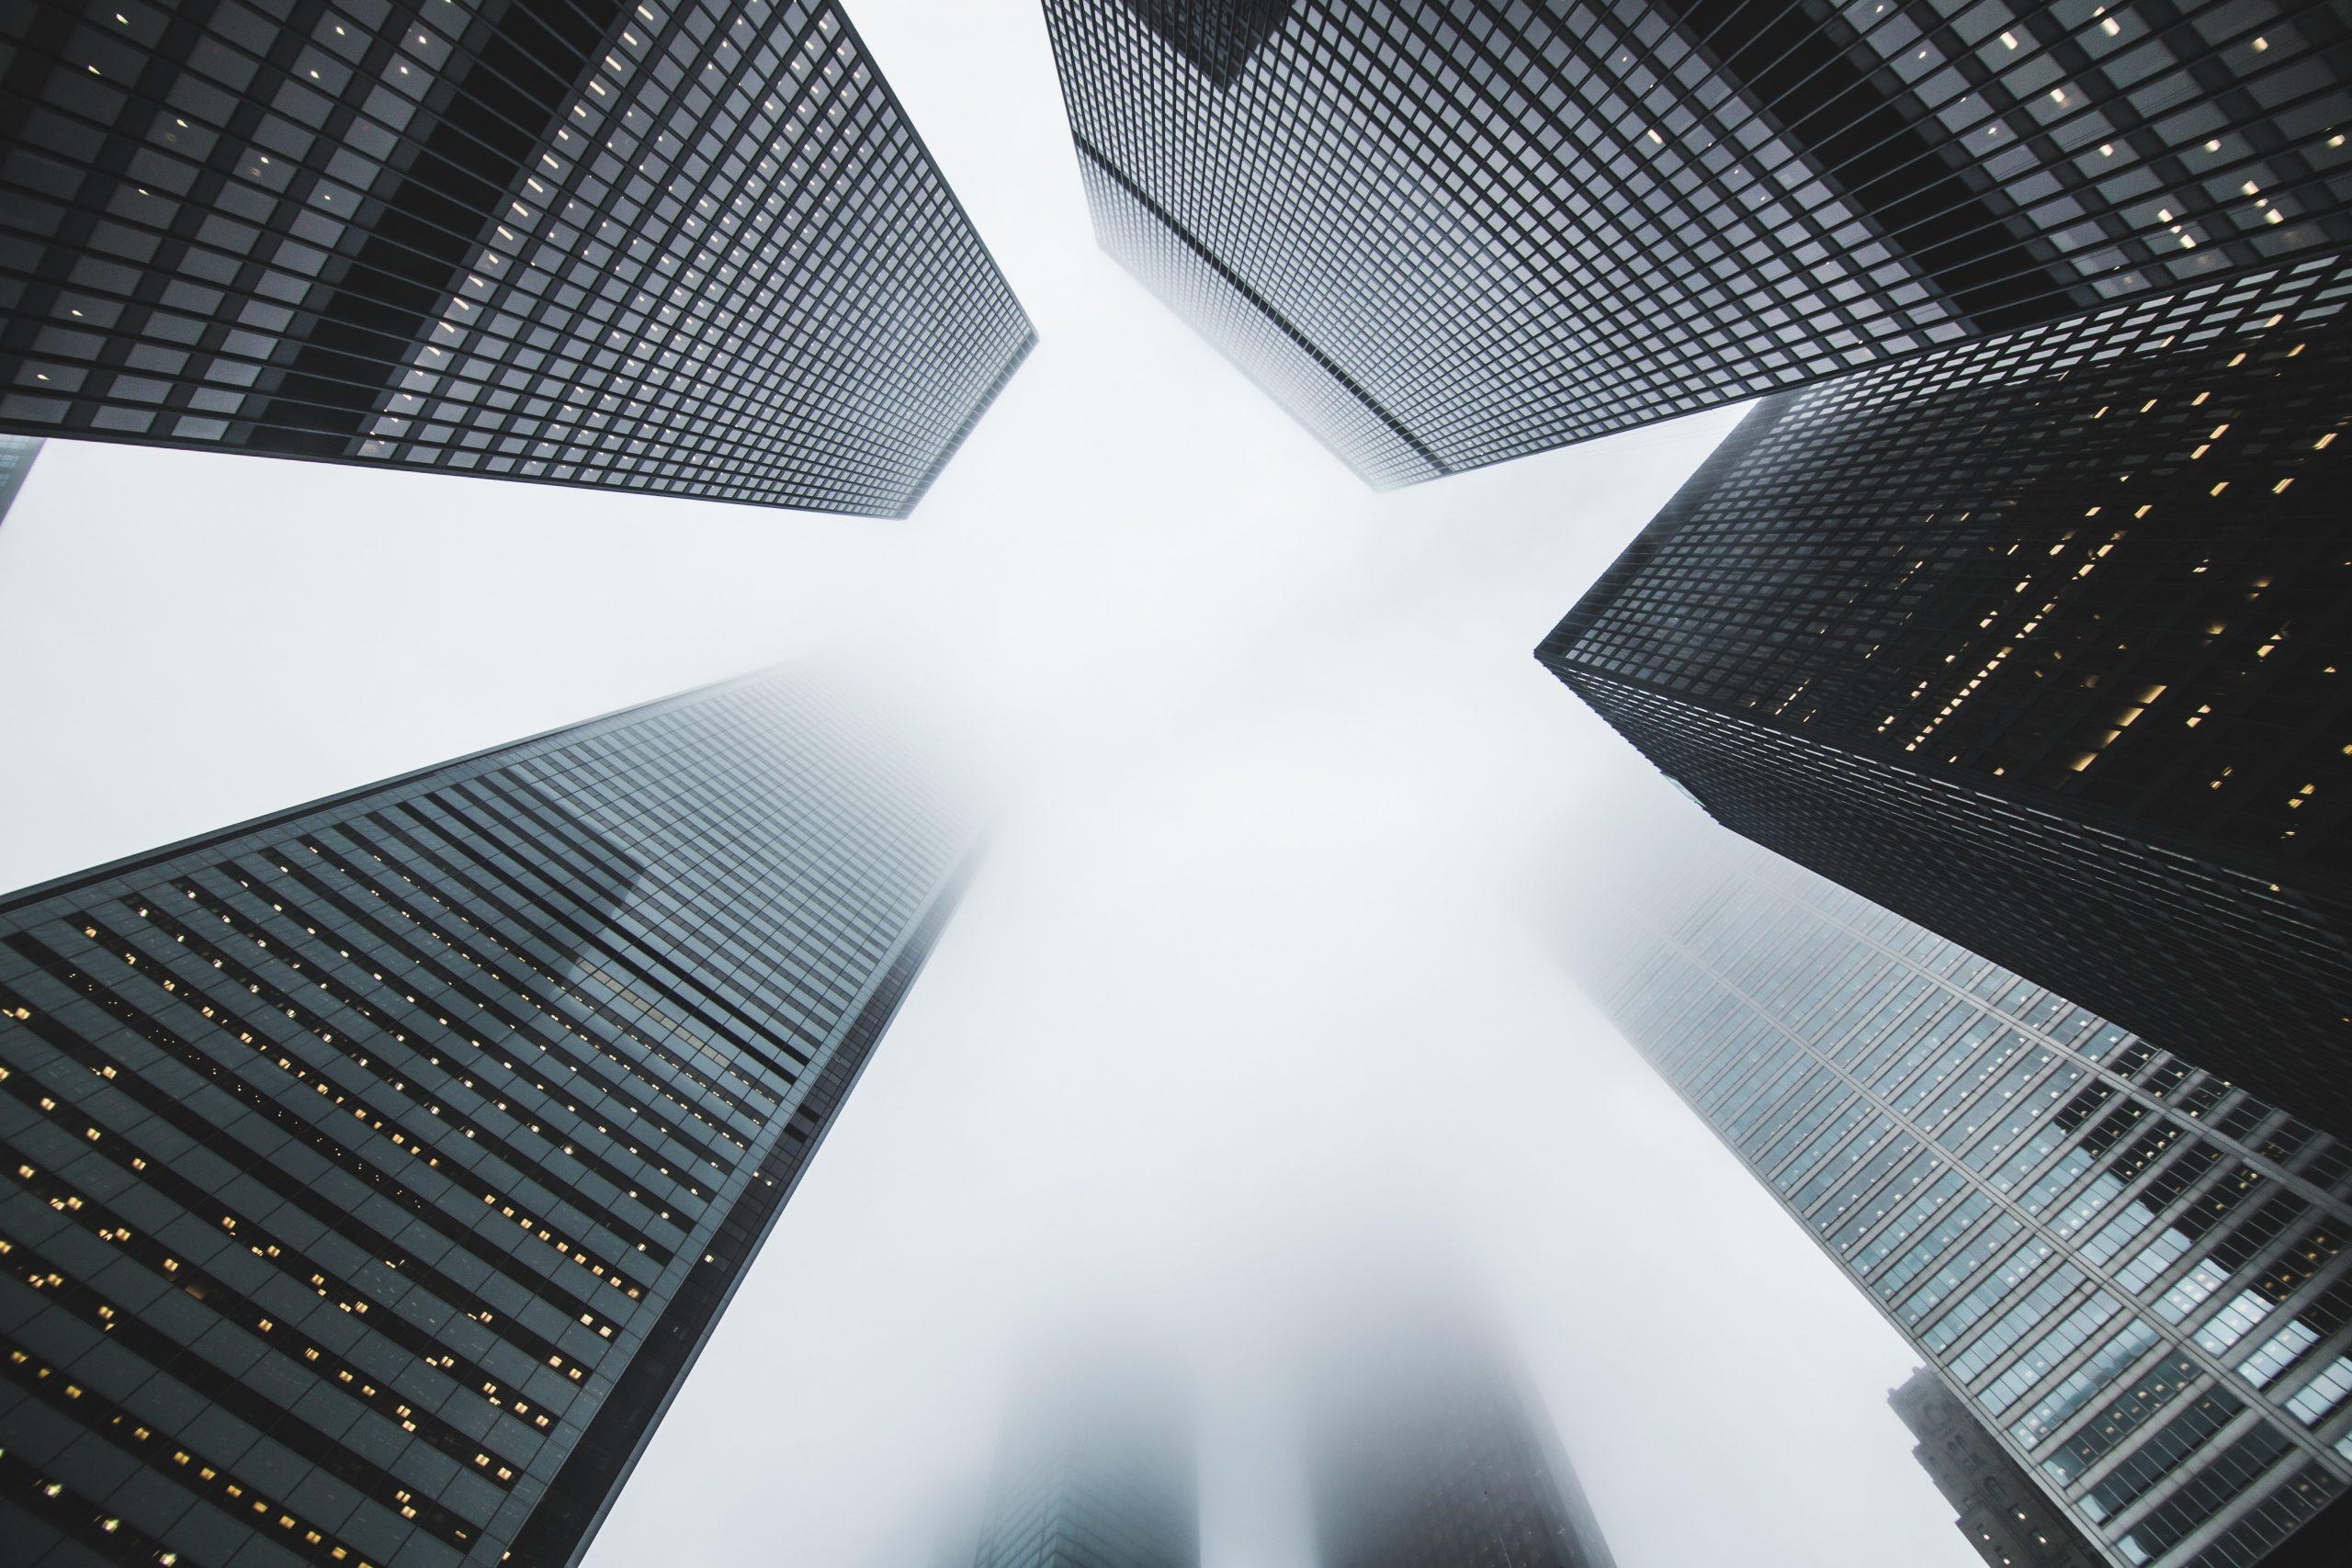 Immobilienpreisentwicklung in Deutschland: Warum boomen Immobilien und wie sind die Prognosen?